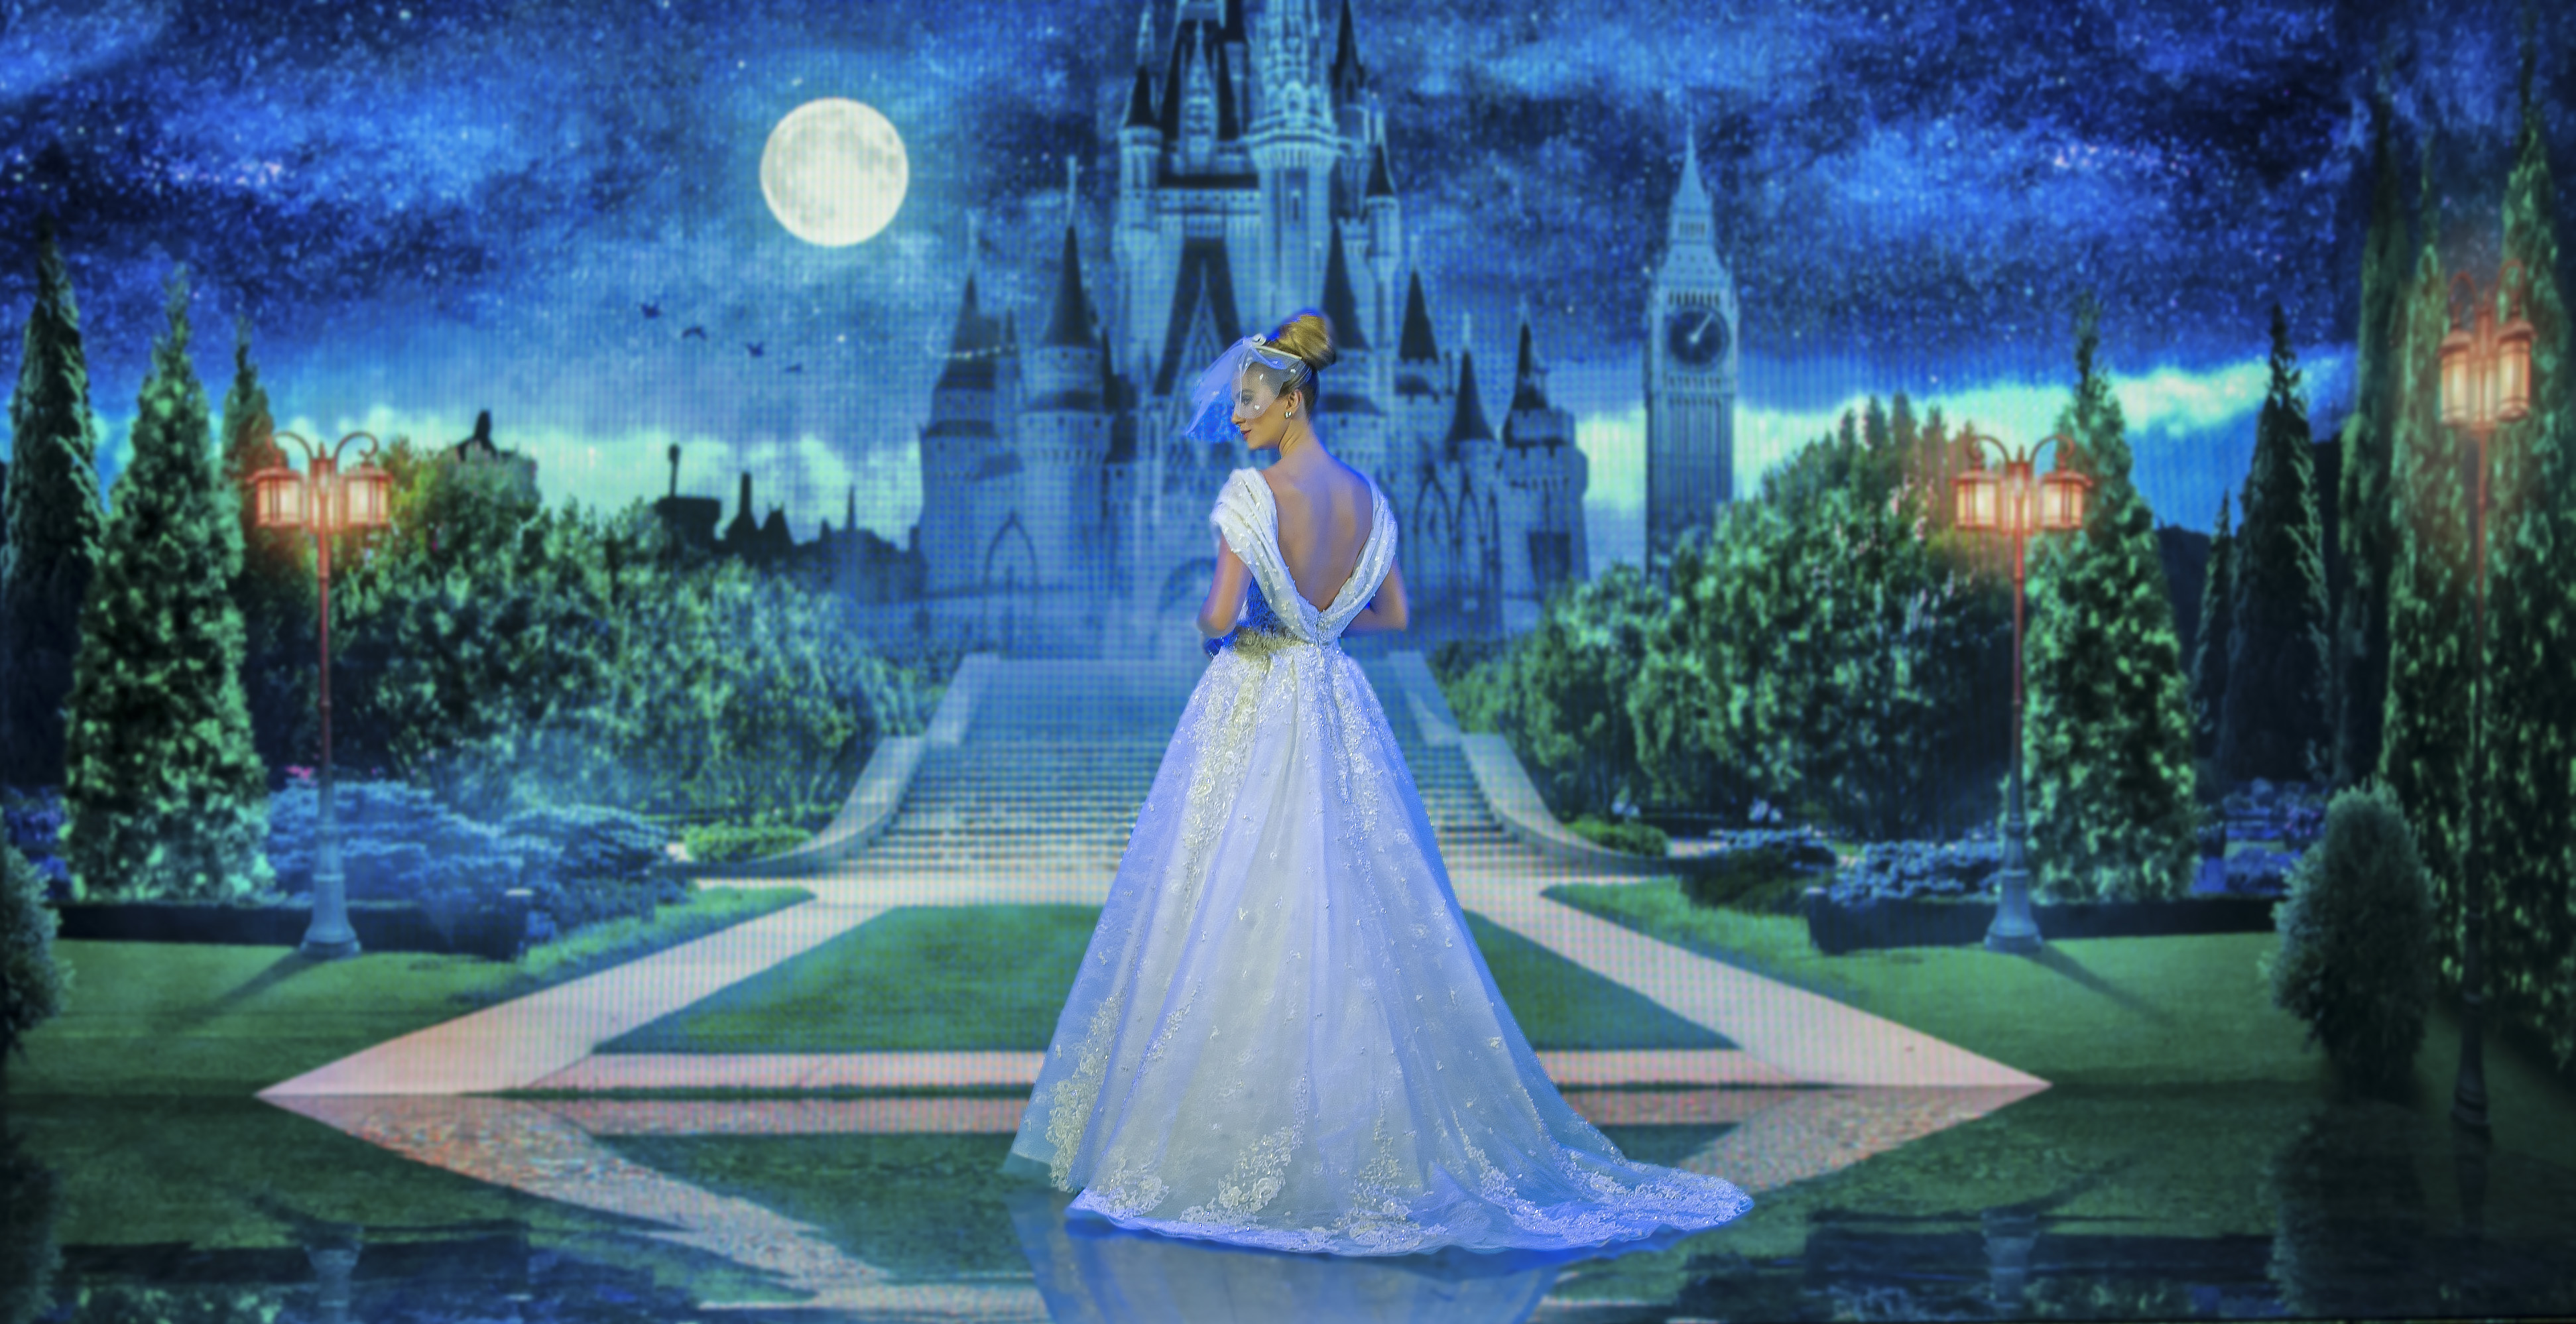 Marthina Brandt com vestido inspirado na Cinderela. Ela está de costas para um fundo que imita o castelo da Disney.